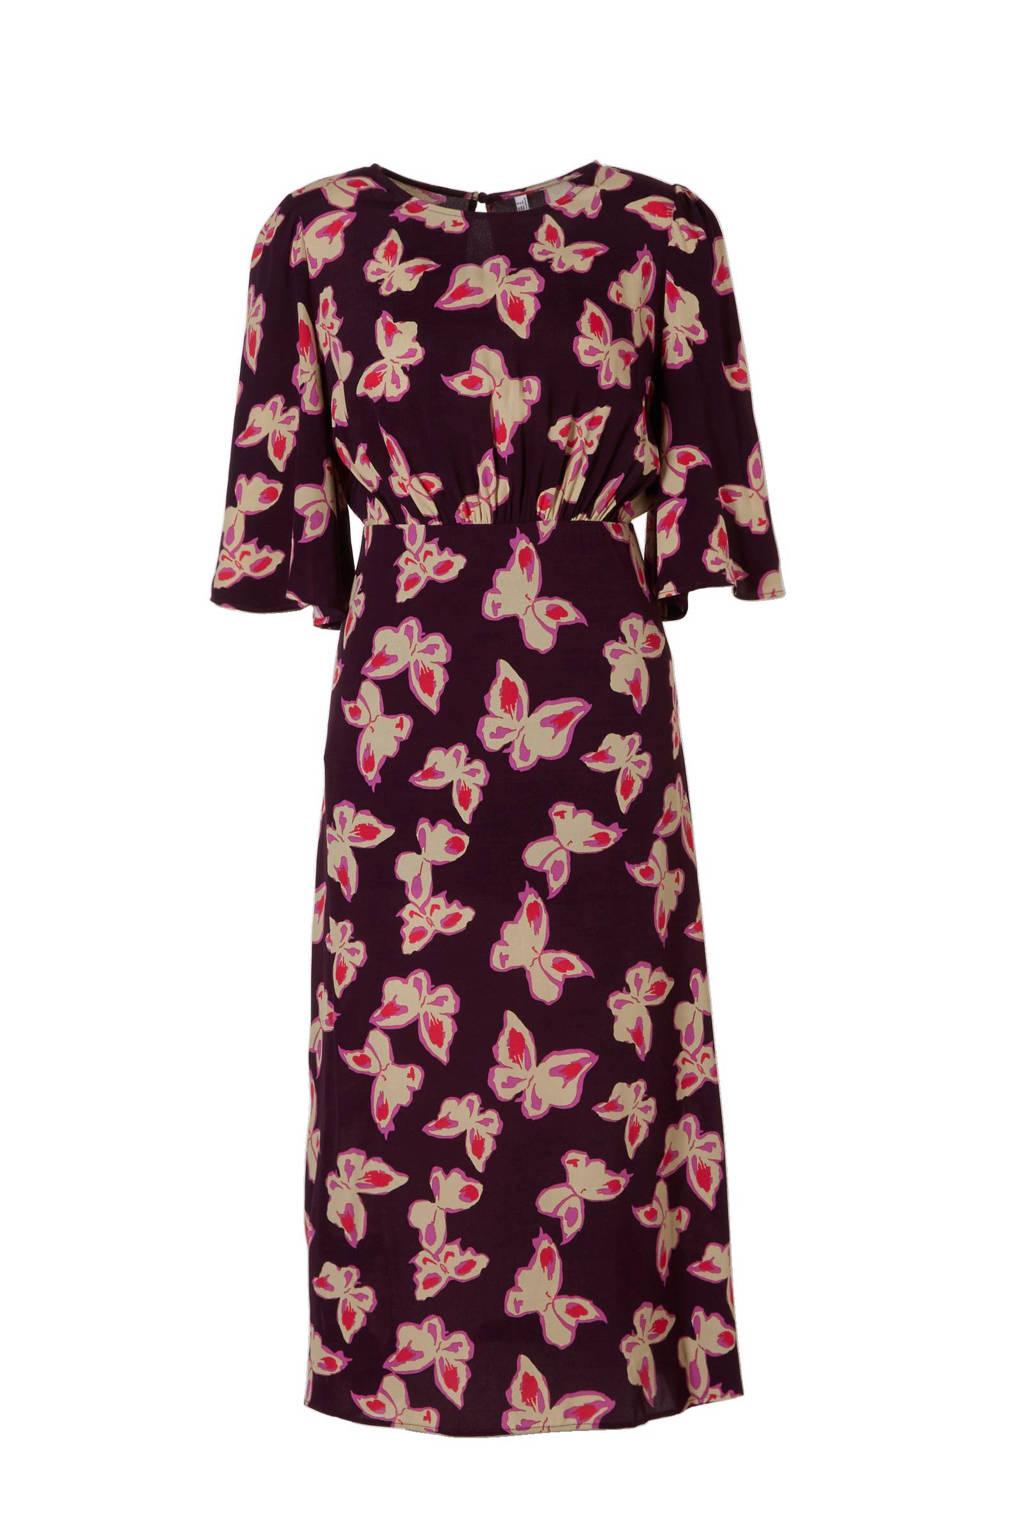 Mango jurk met vlinderprint, Paars/roze